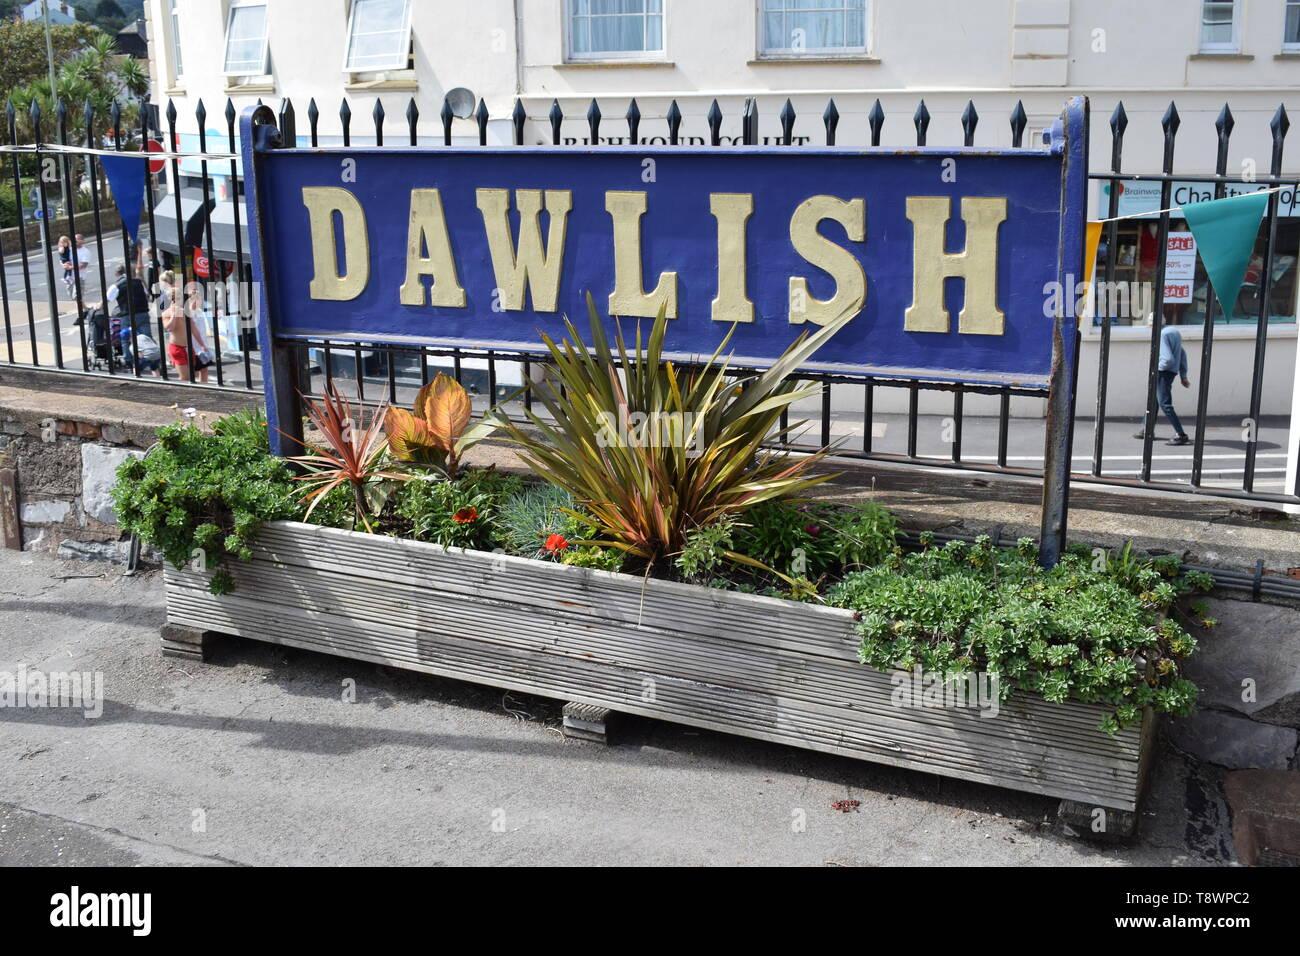 Dawlish Traiin Station - Stock Image